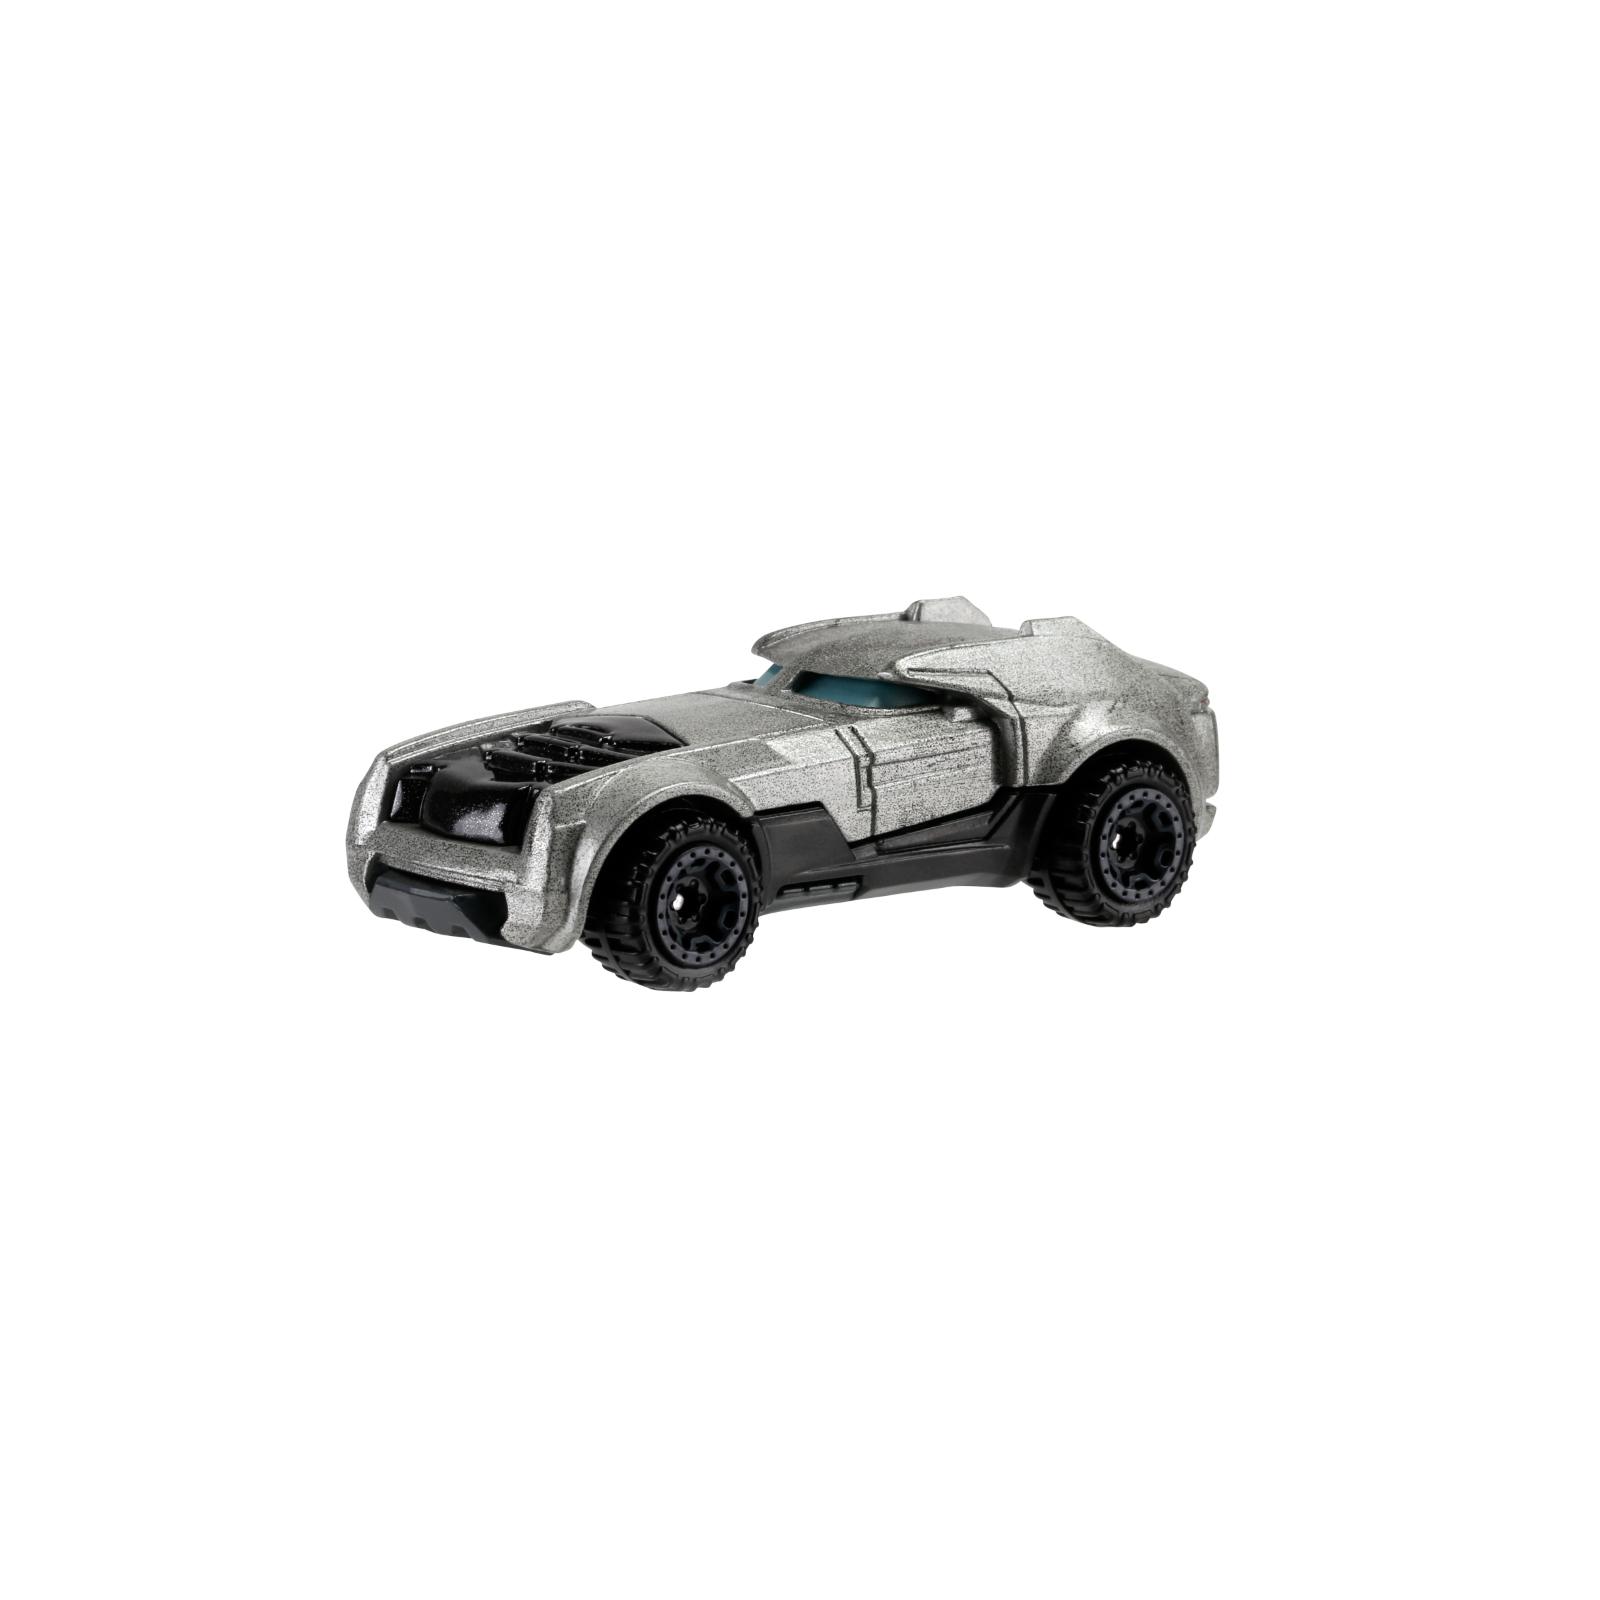 Игровой набор Hot Wheels 2 машинки Бэтмен против Супермена (DJP09) изображение 2